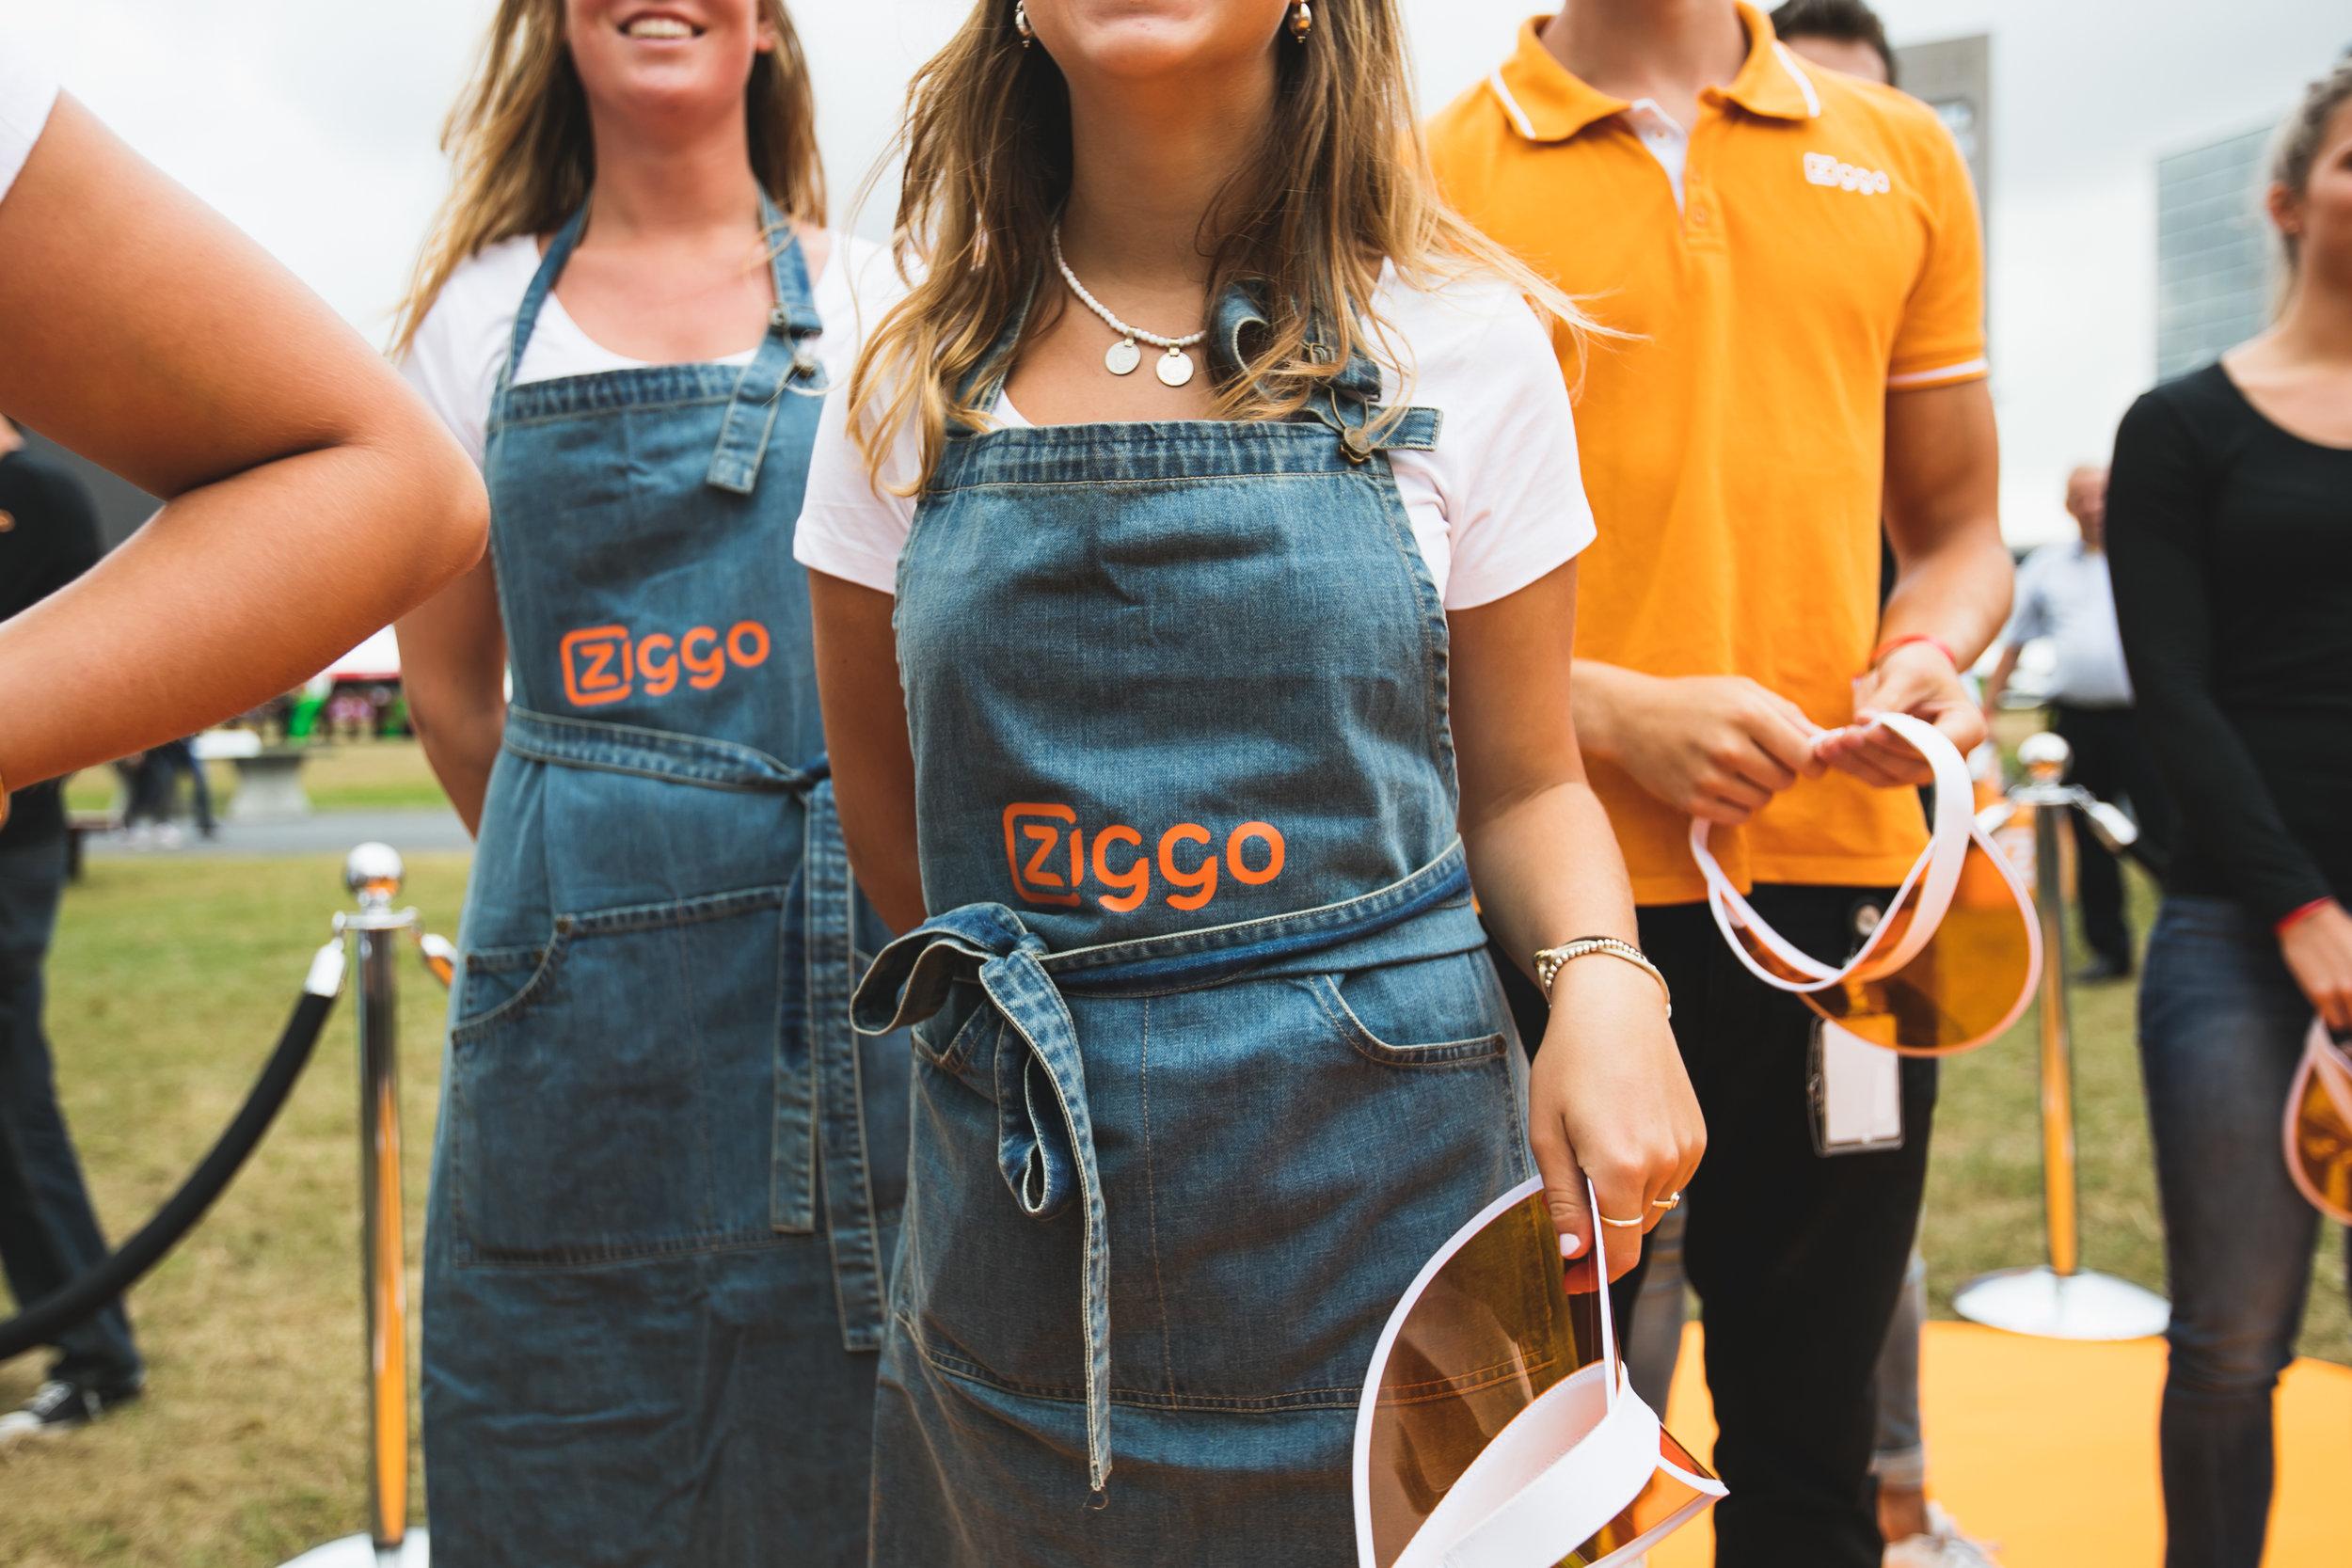 Ziggo-AjaxOpenDag-hr-32.jpg